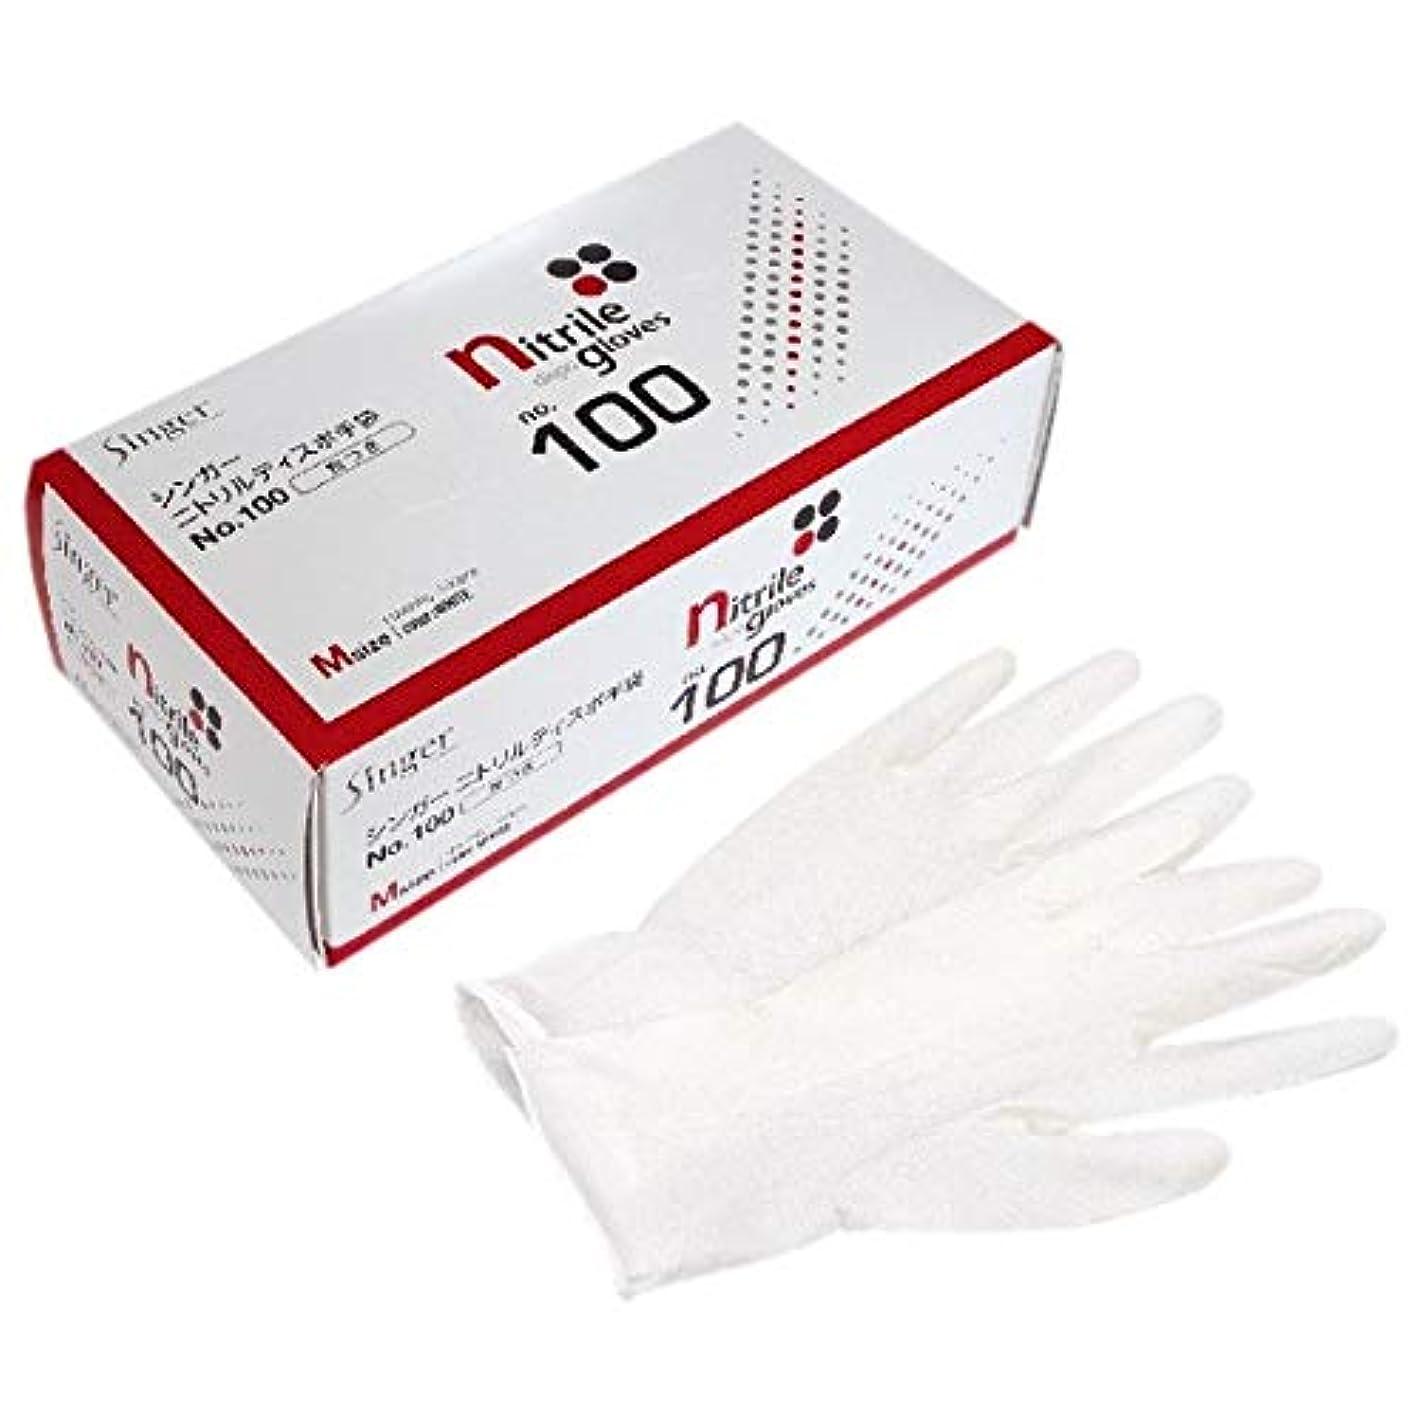 移住する禁止する迷路シンガーニトリルディスポ手袋 No.100 白 粉付 Sサイズ 100枚×20箱入